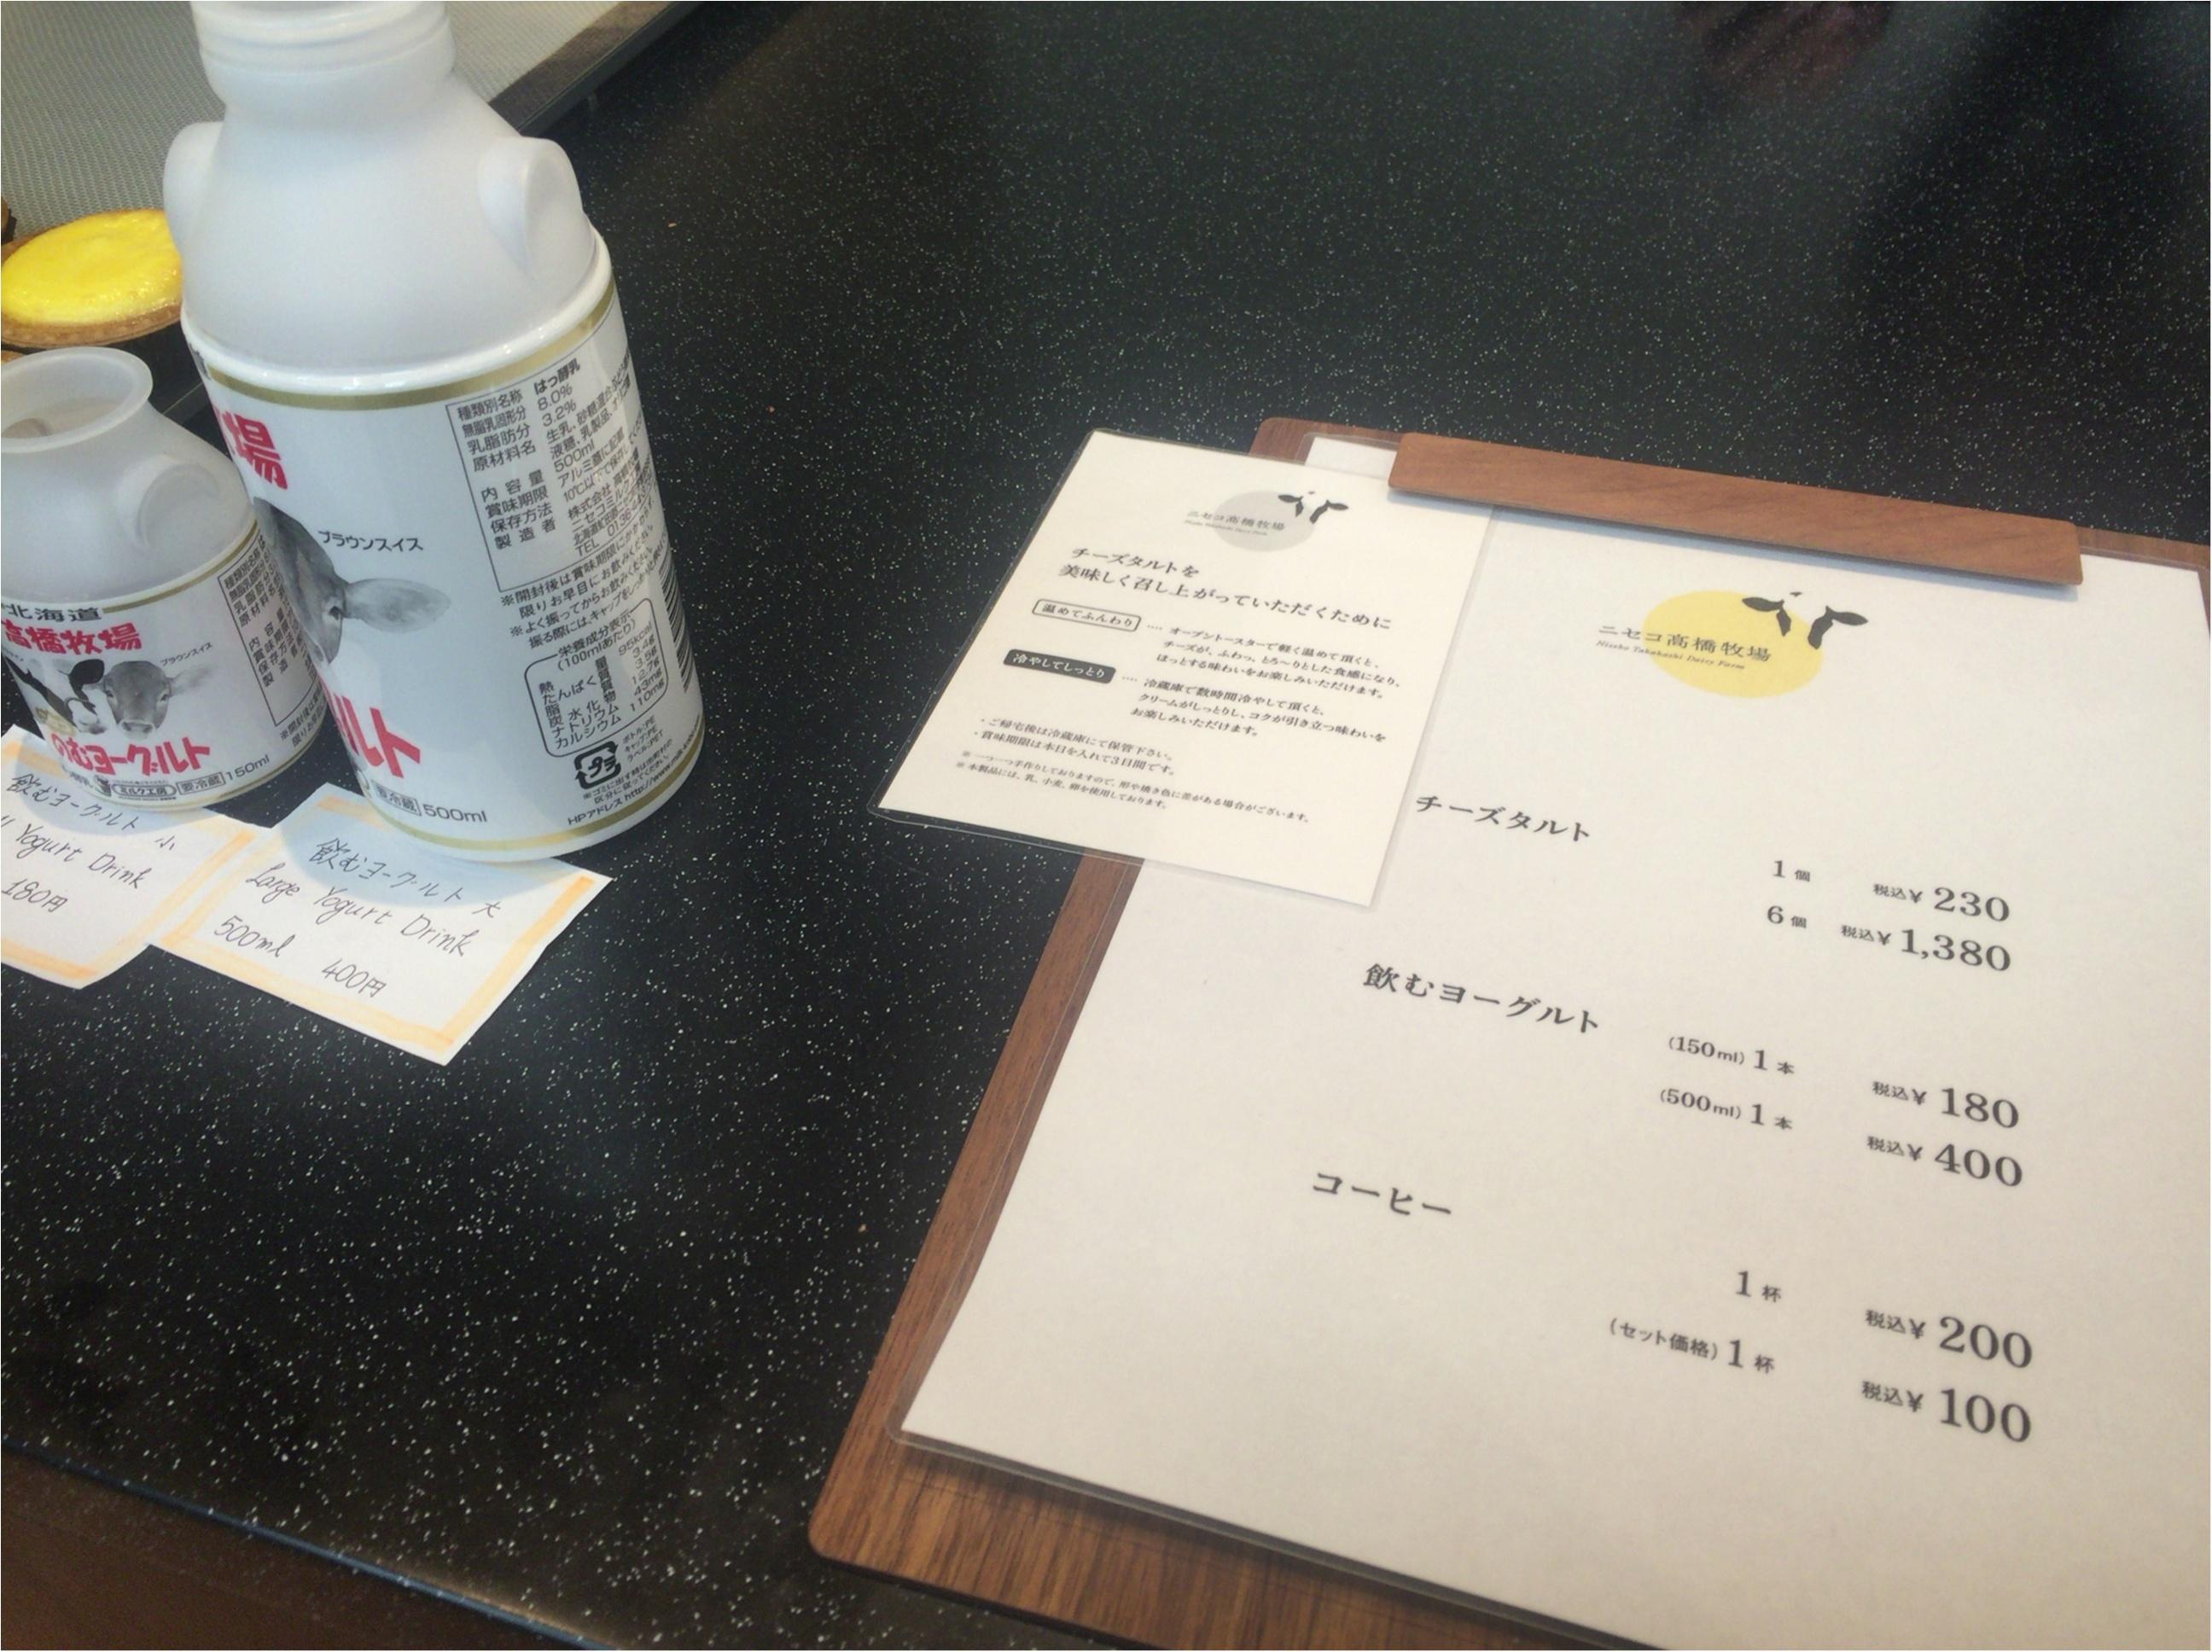 北海道で人気「ニセコ髙橋牧場」のチーズタルトが吉祥寺で買えるようになりました!ふわトロなミルク濃厚チーズ❤︎≪samenyan≫_4